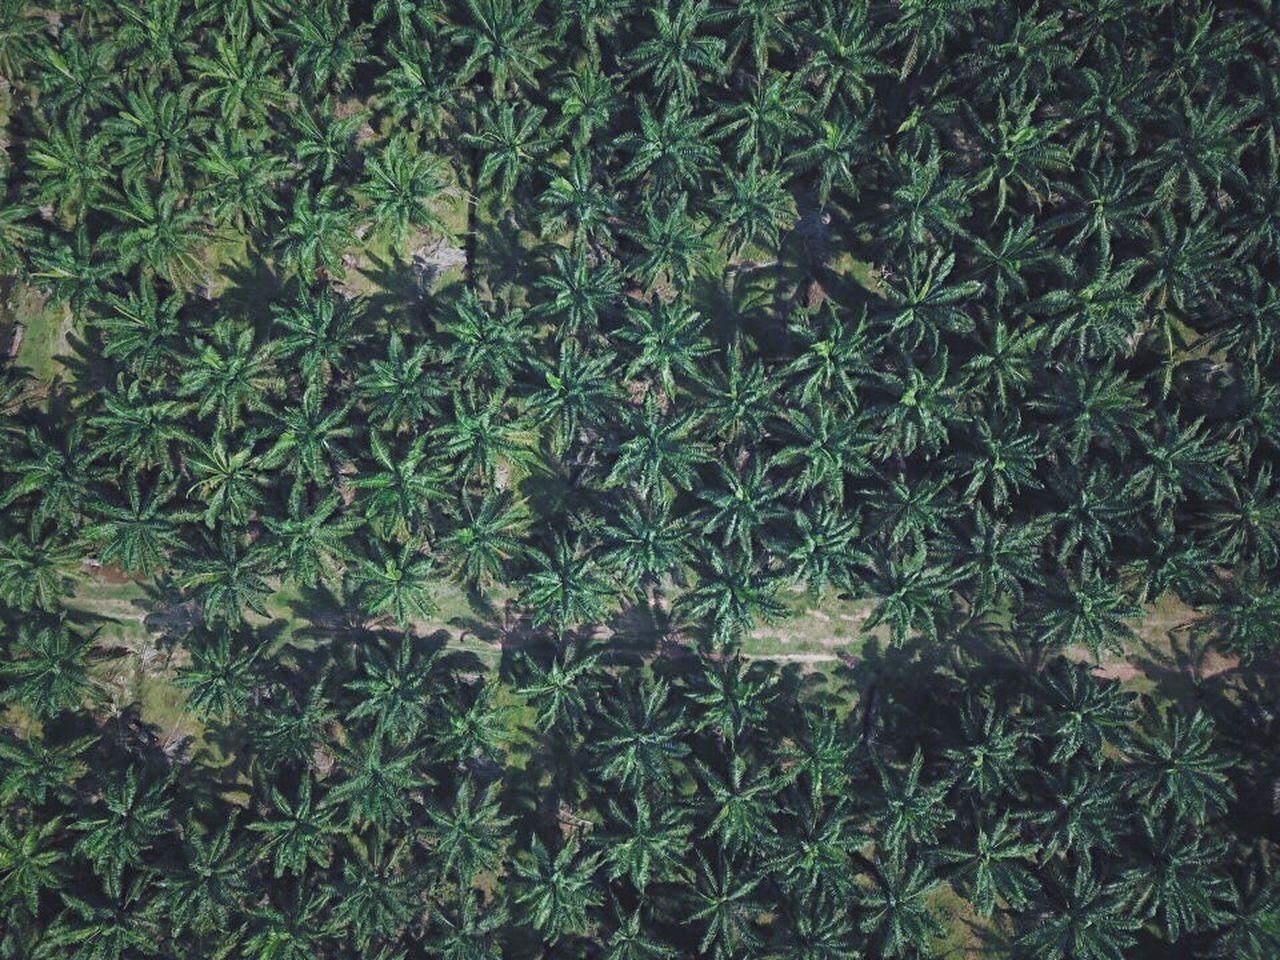 FULL FRAME SHOT OF PLANT